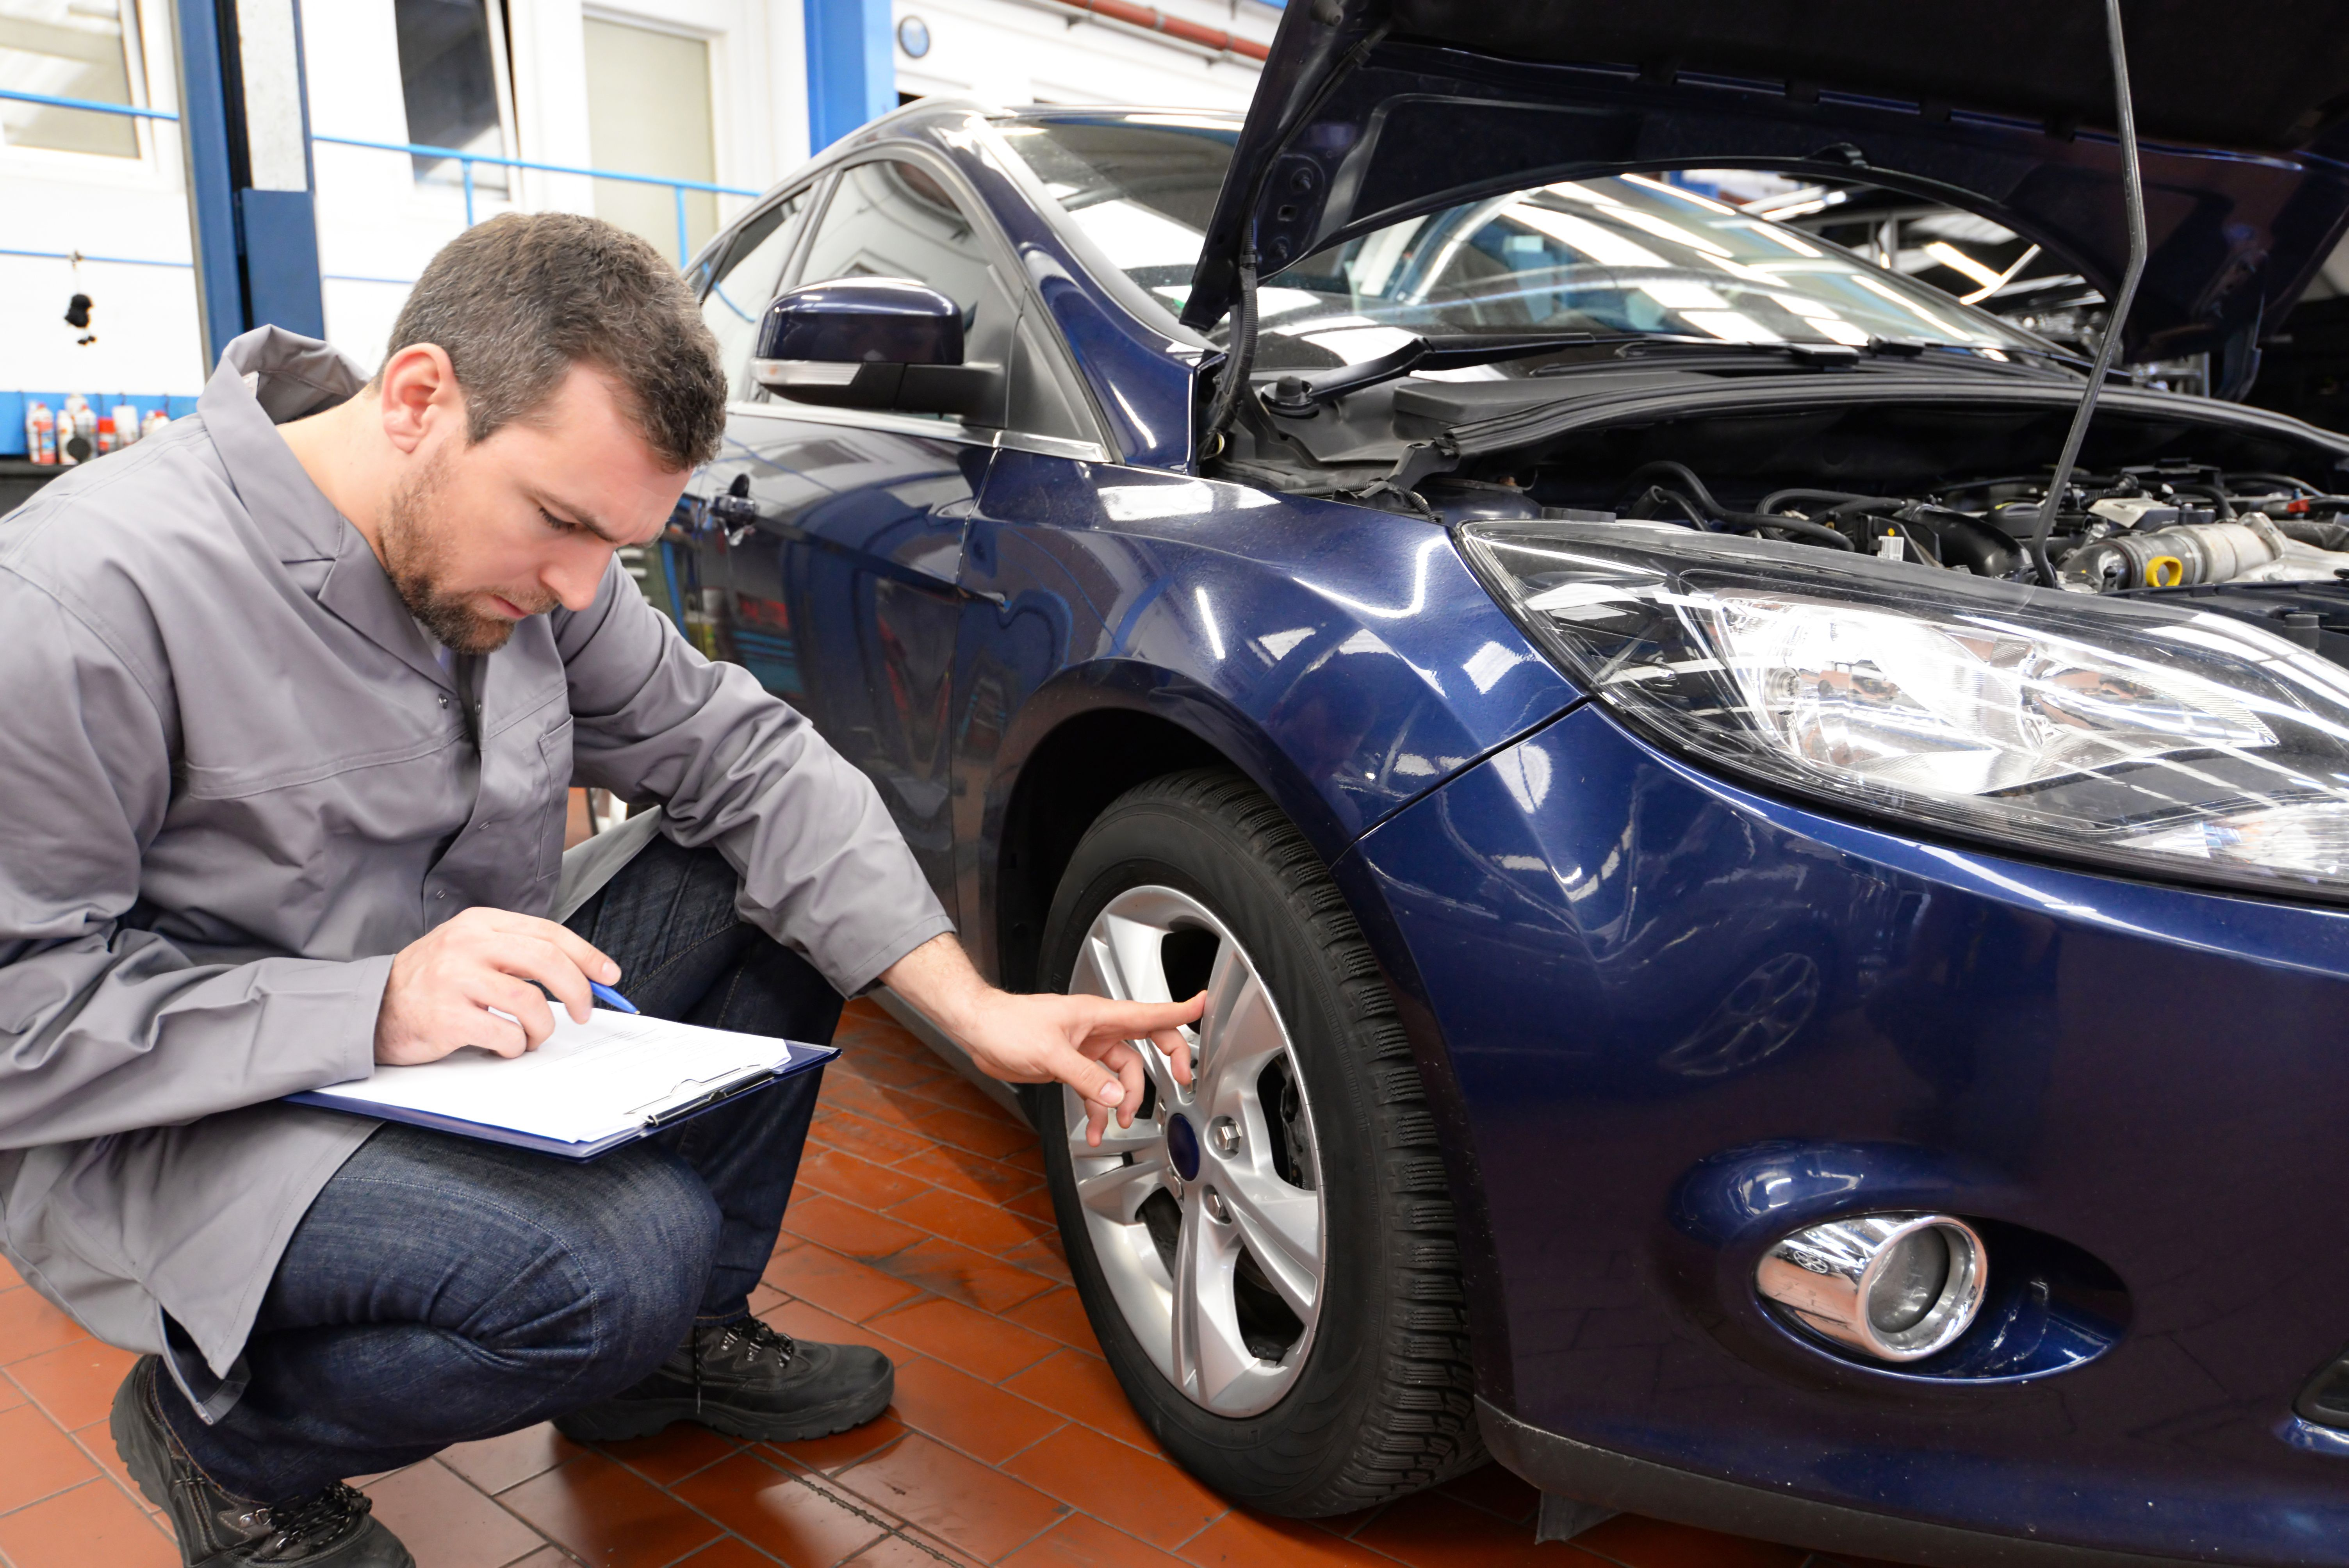 Inspektion Gutachter Berprft Fahrzeug In Autowerkstatt Car Home